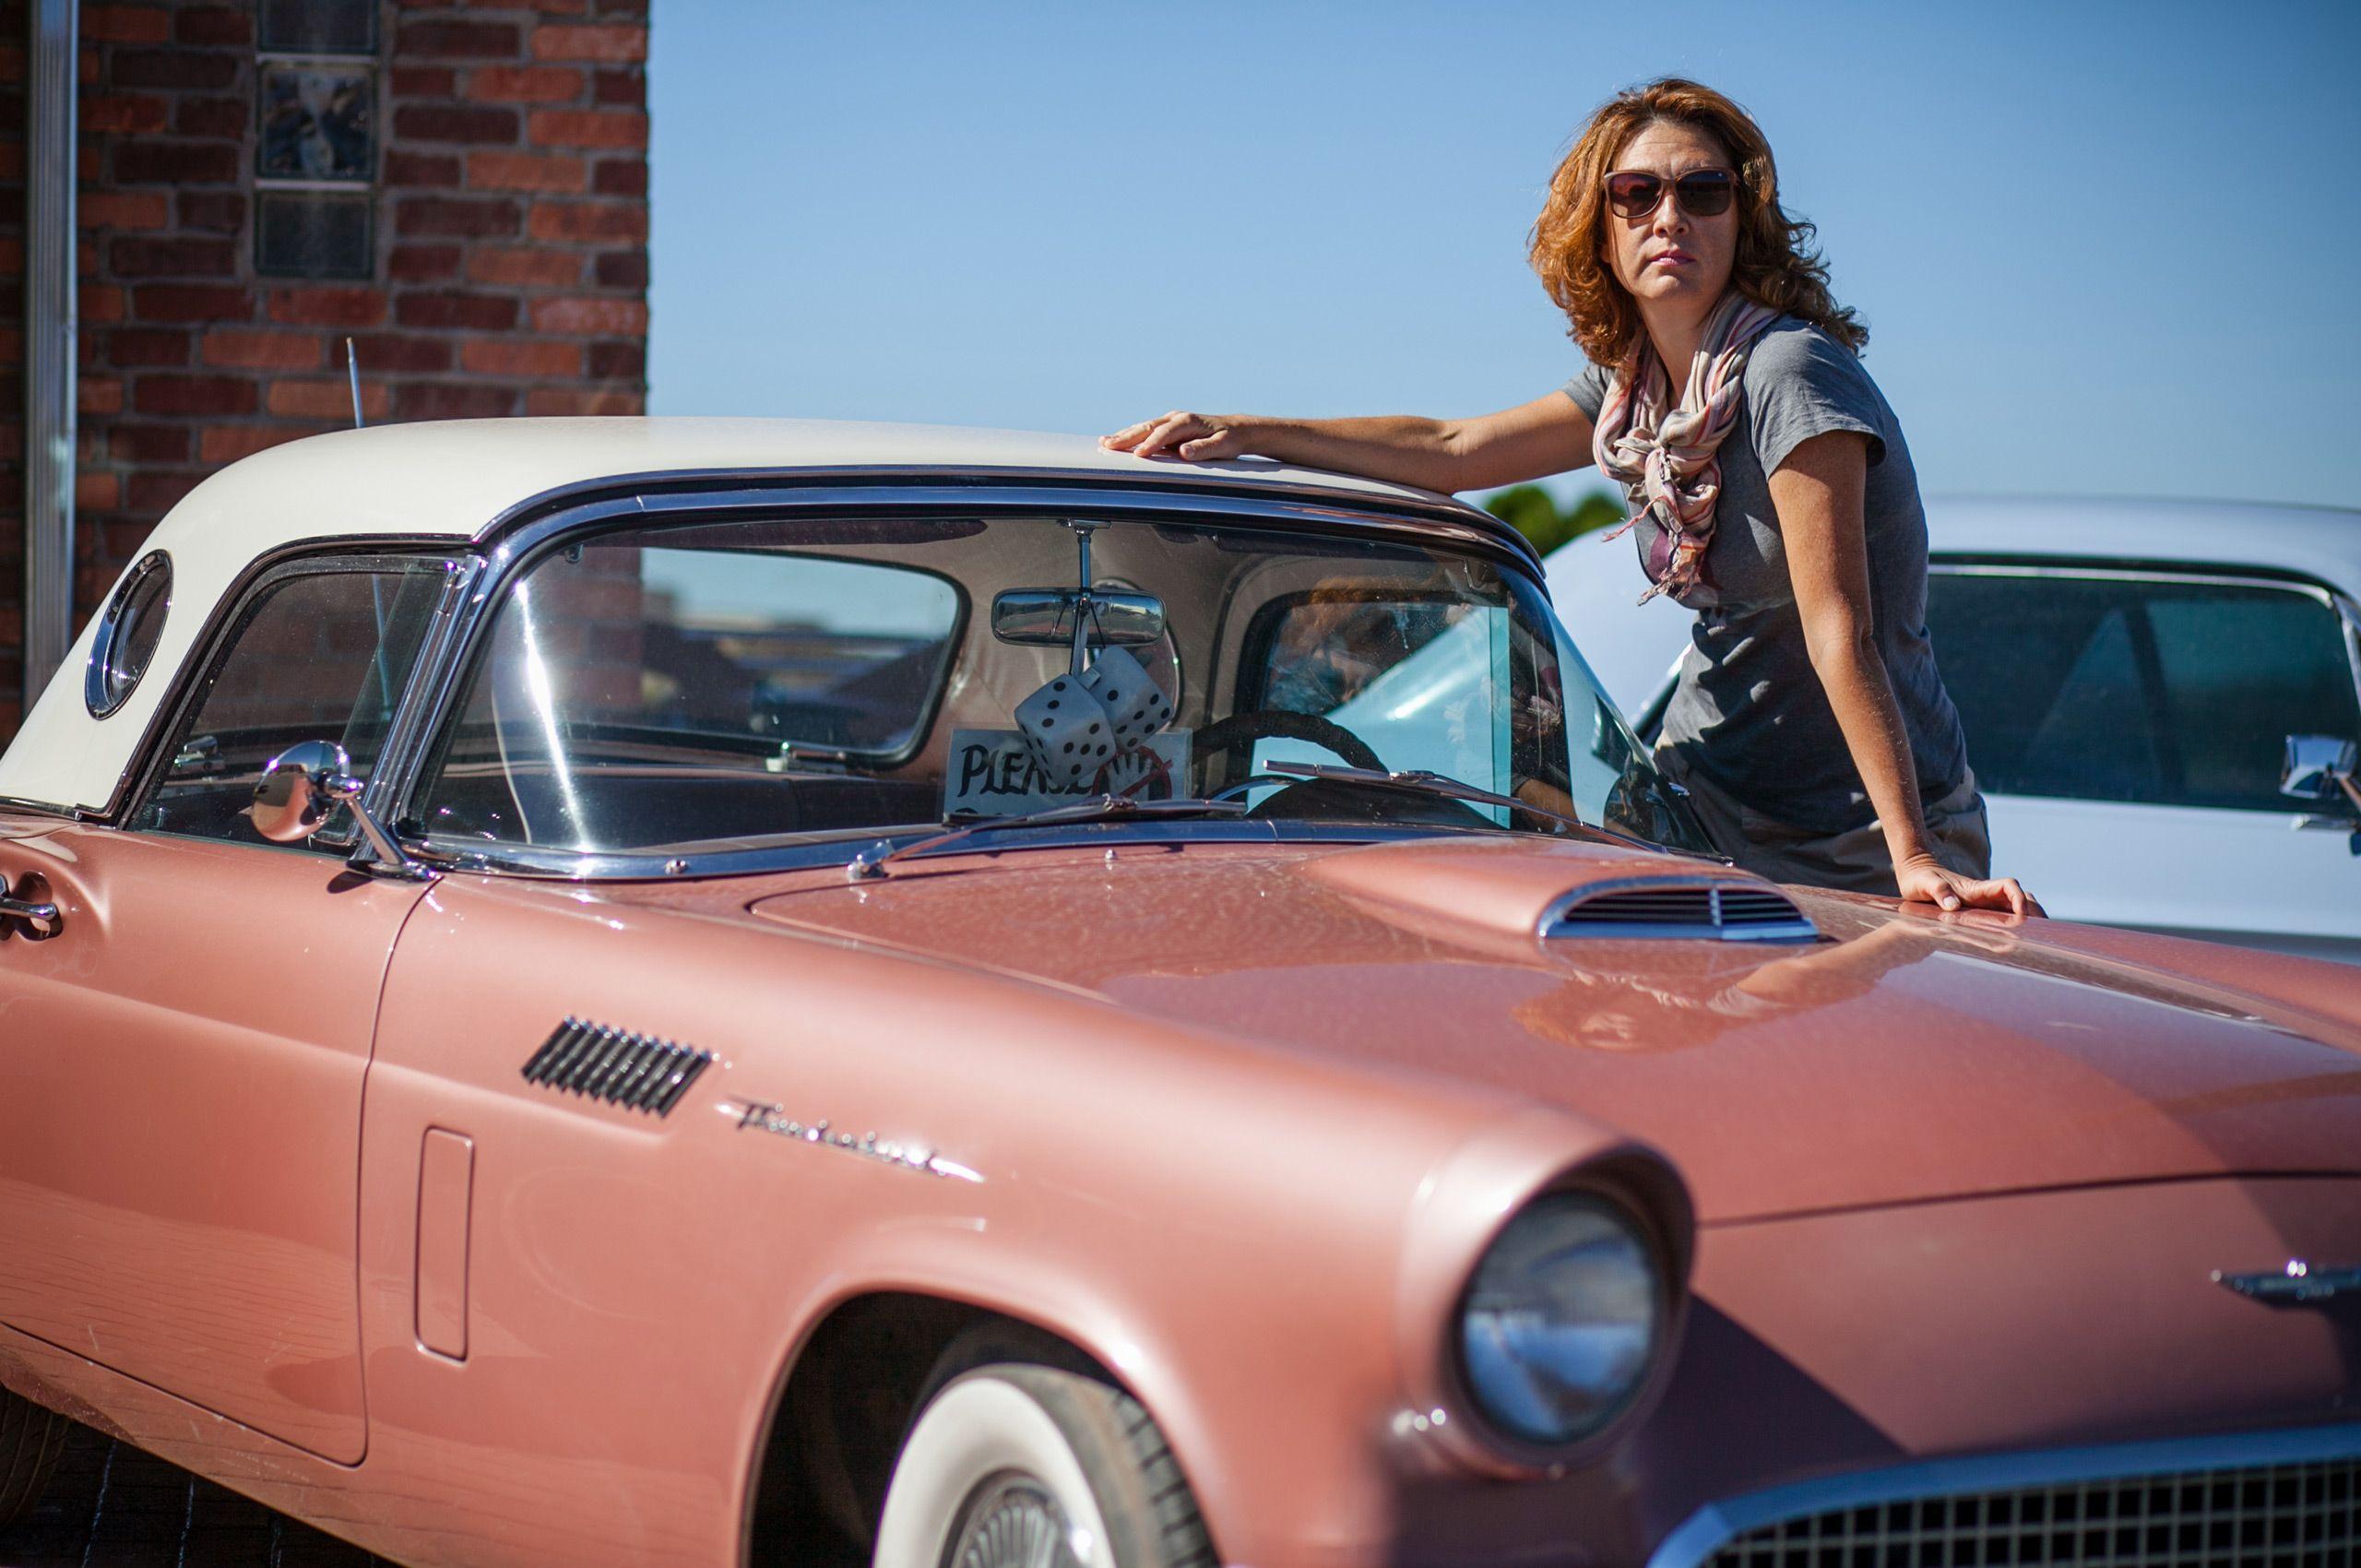 Beautiful lady staying near retro convertible